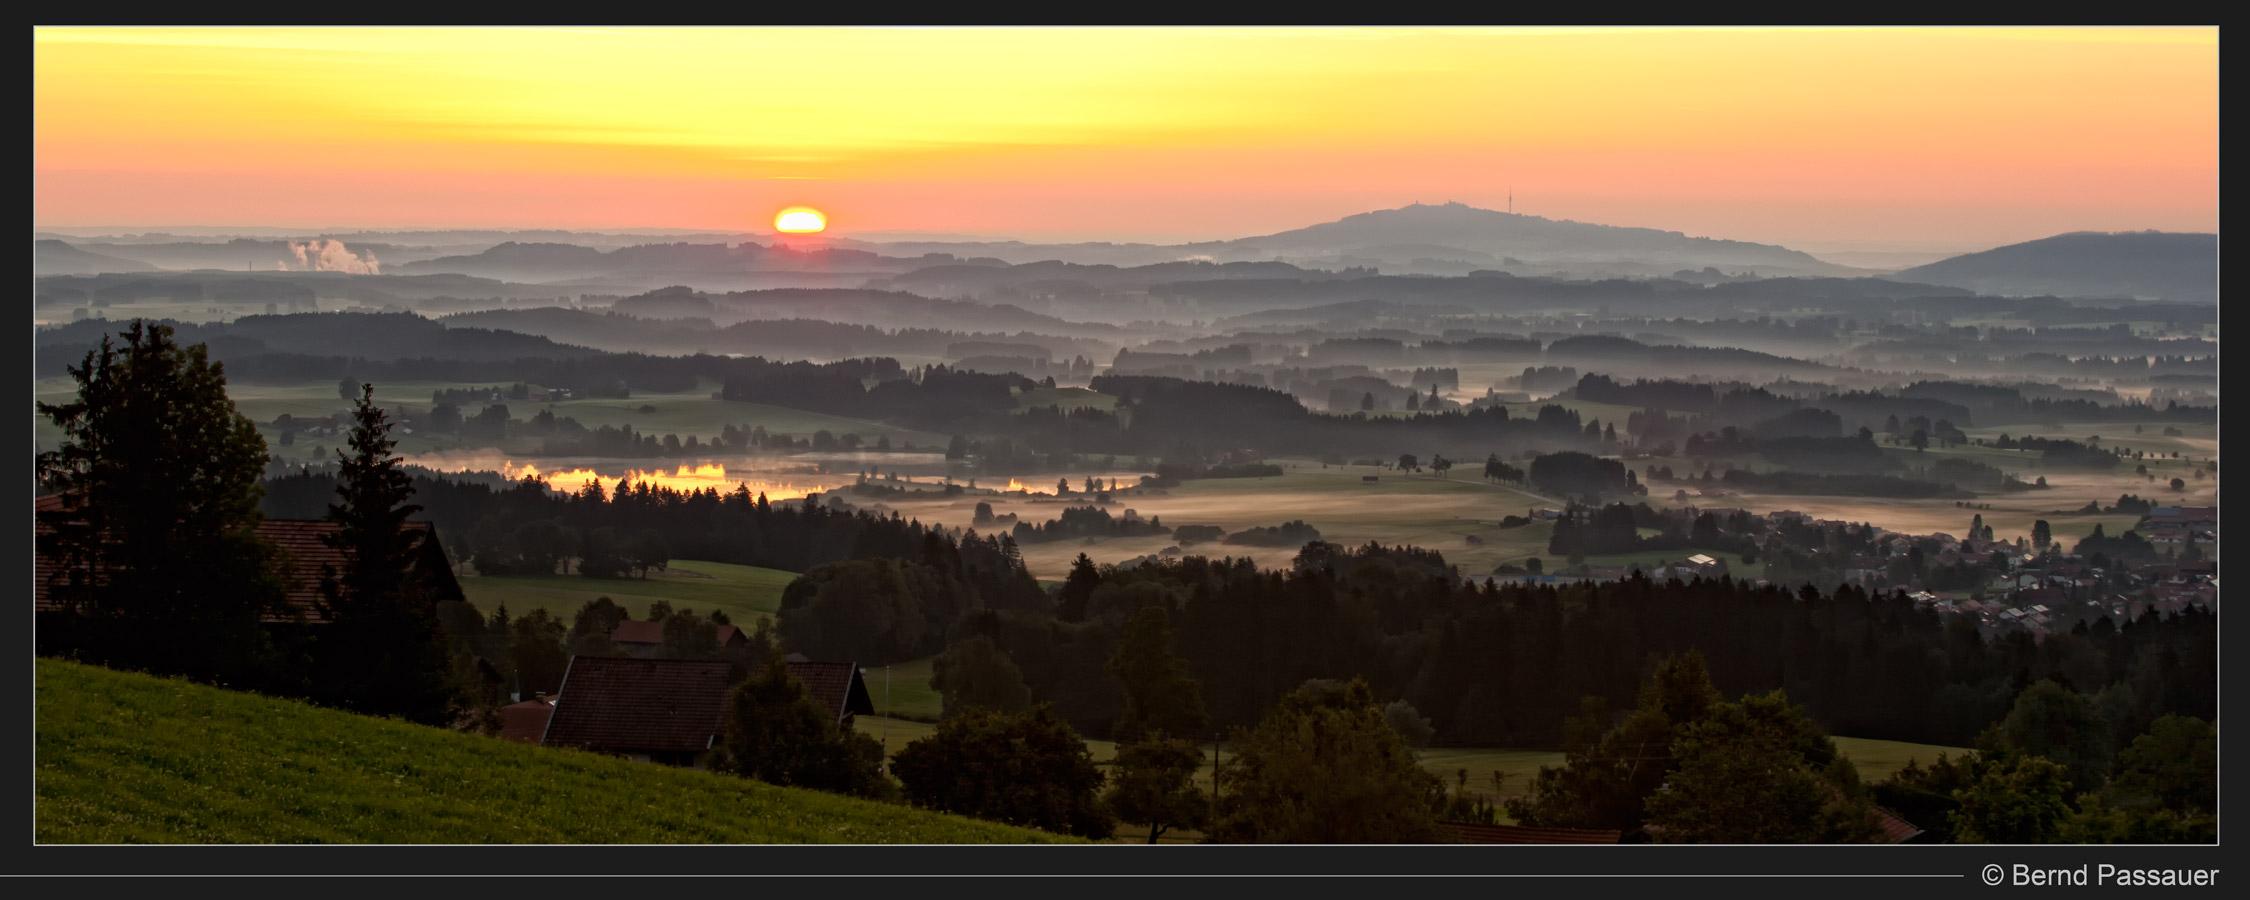 http://fotoclub-kaufbeuren.de/wordpress/wp-content/uploads/2011/09/3719_80x32_Kurz_nach_Sonnenaufgang.jpg